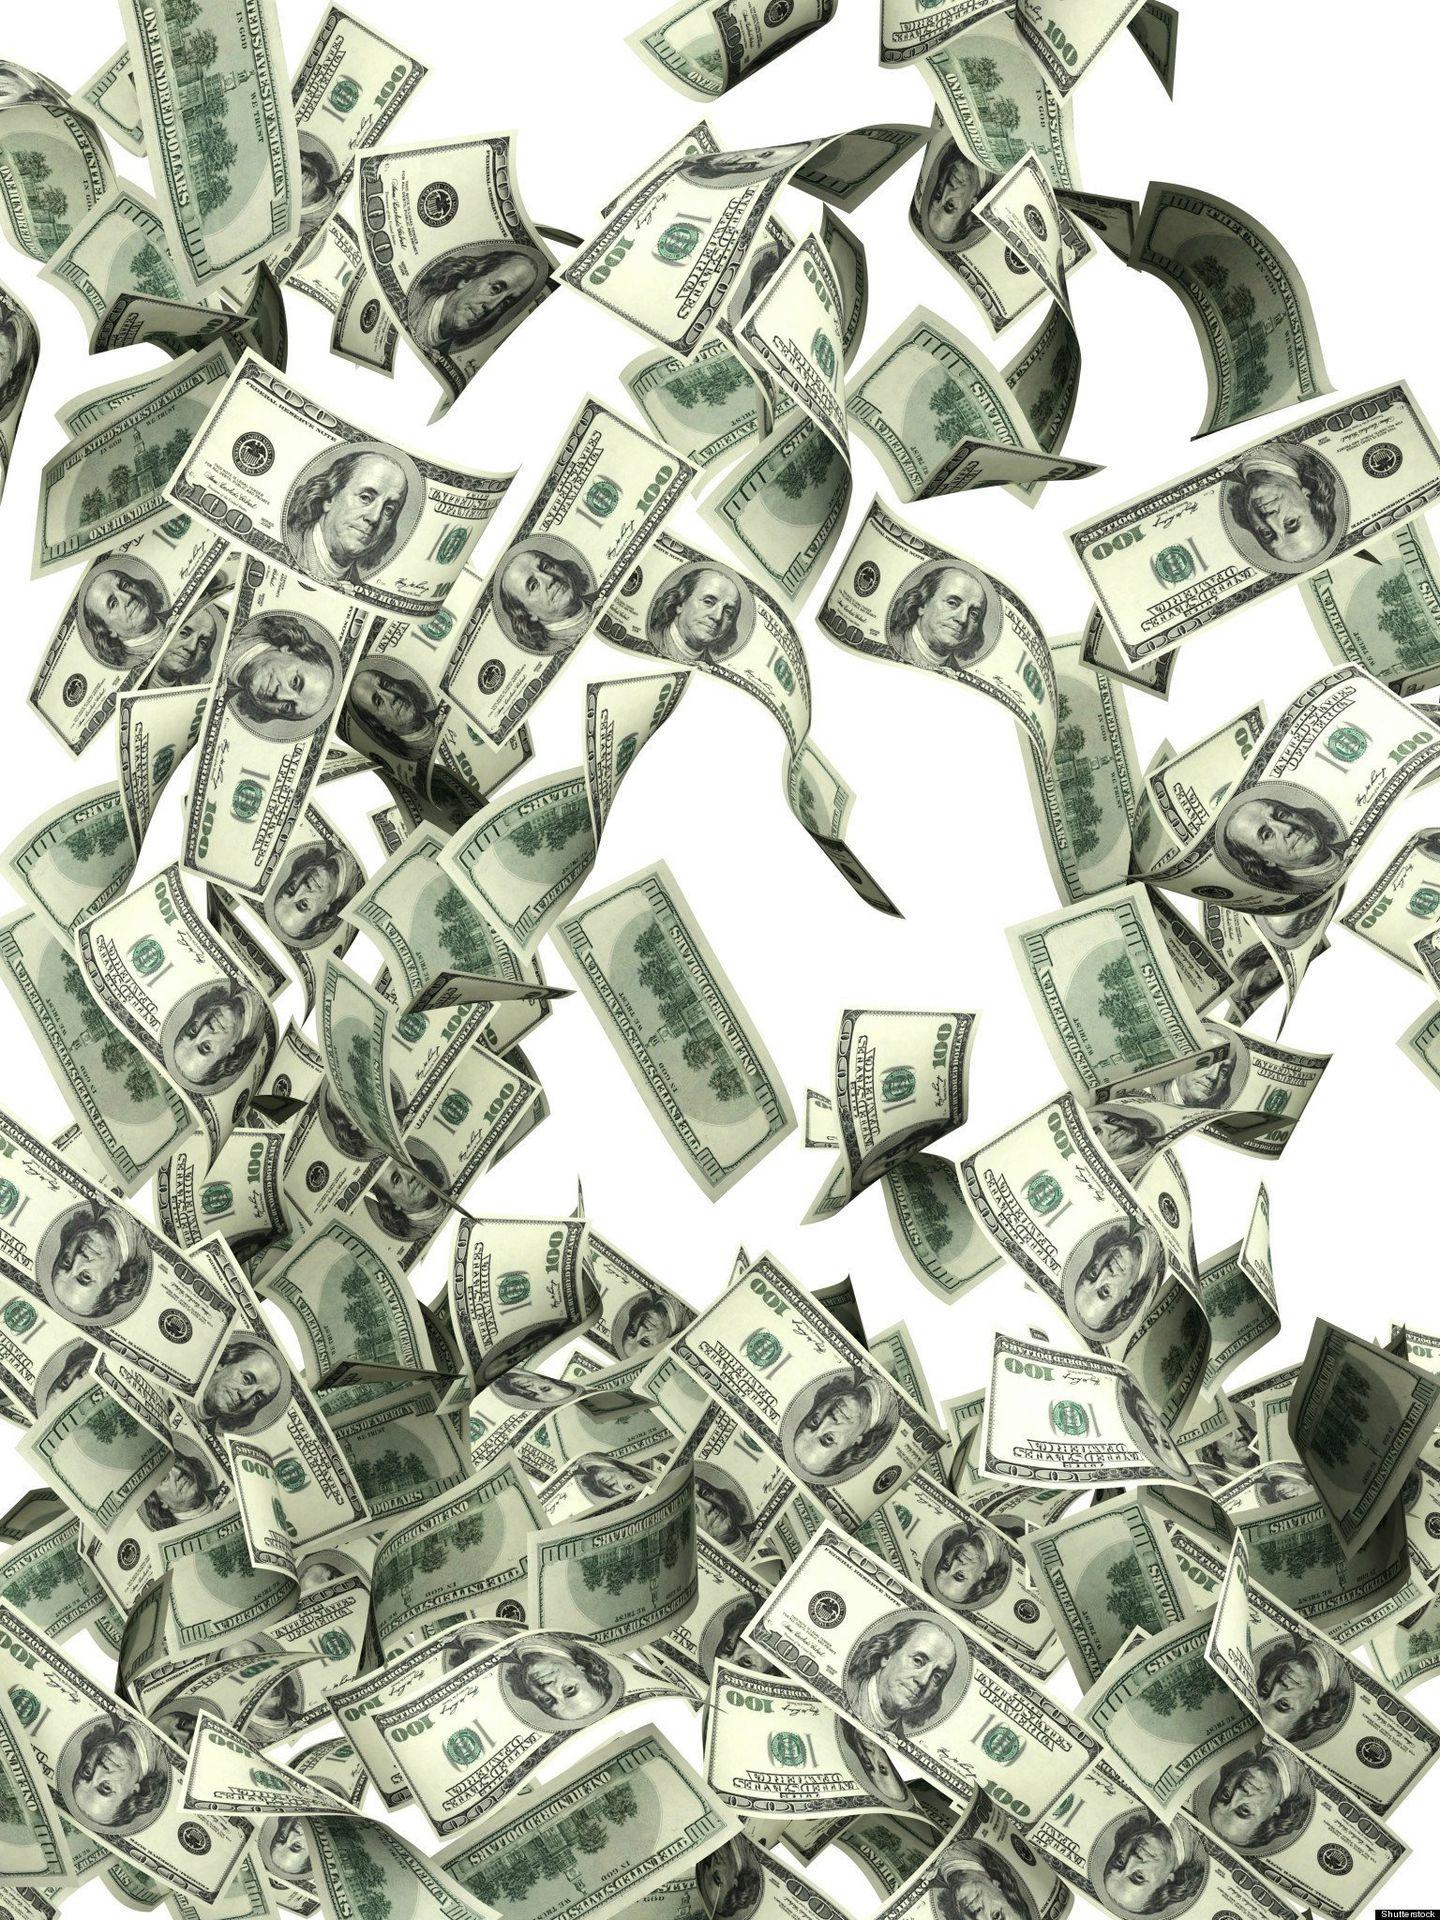 o-money-facebook-money (2)